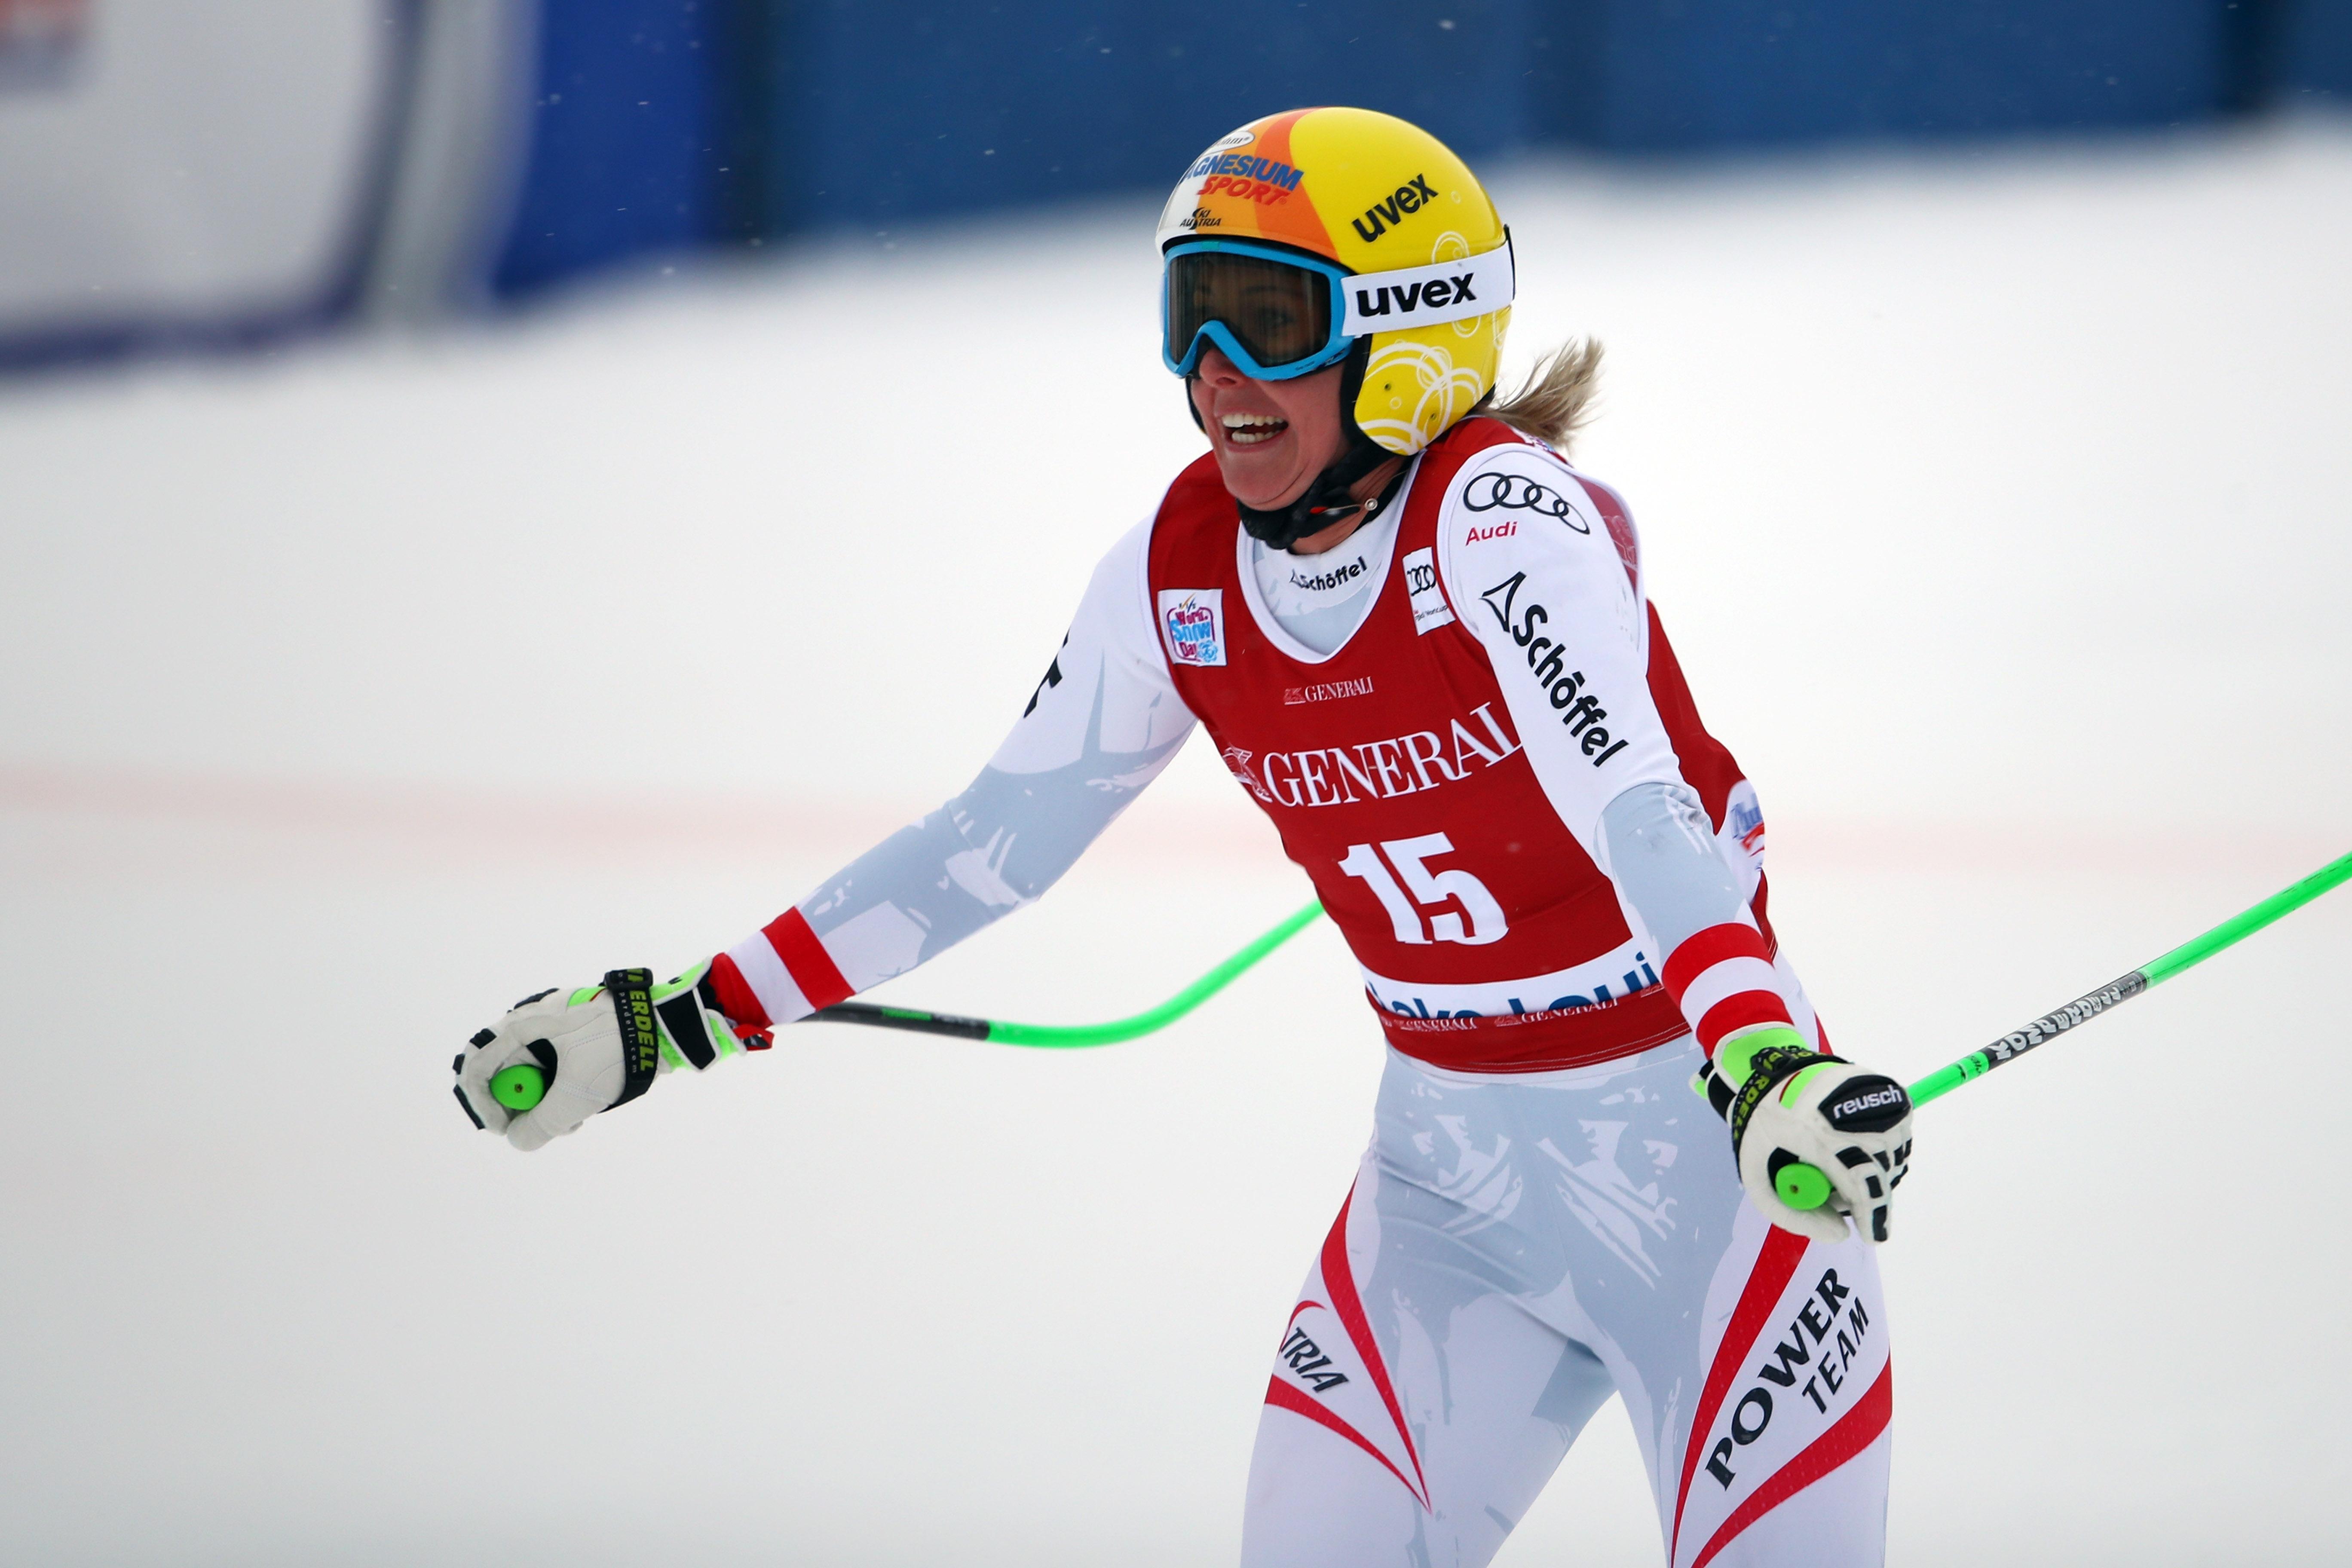 Корнелия Хютер спечели първото спускане при жените за сезона, след